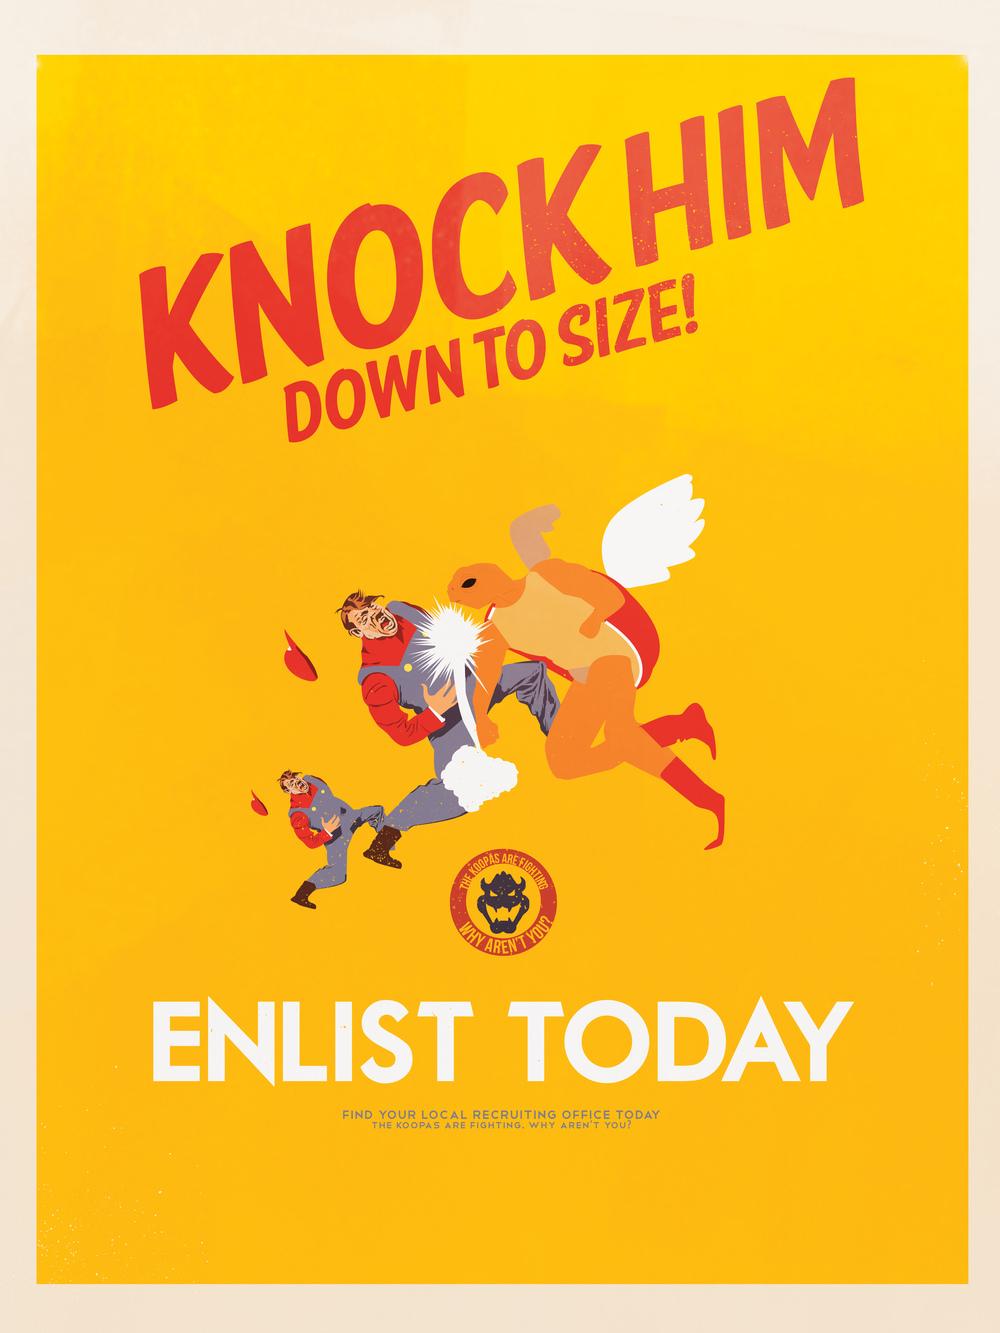 knockhim2.jpg